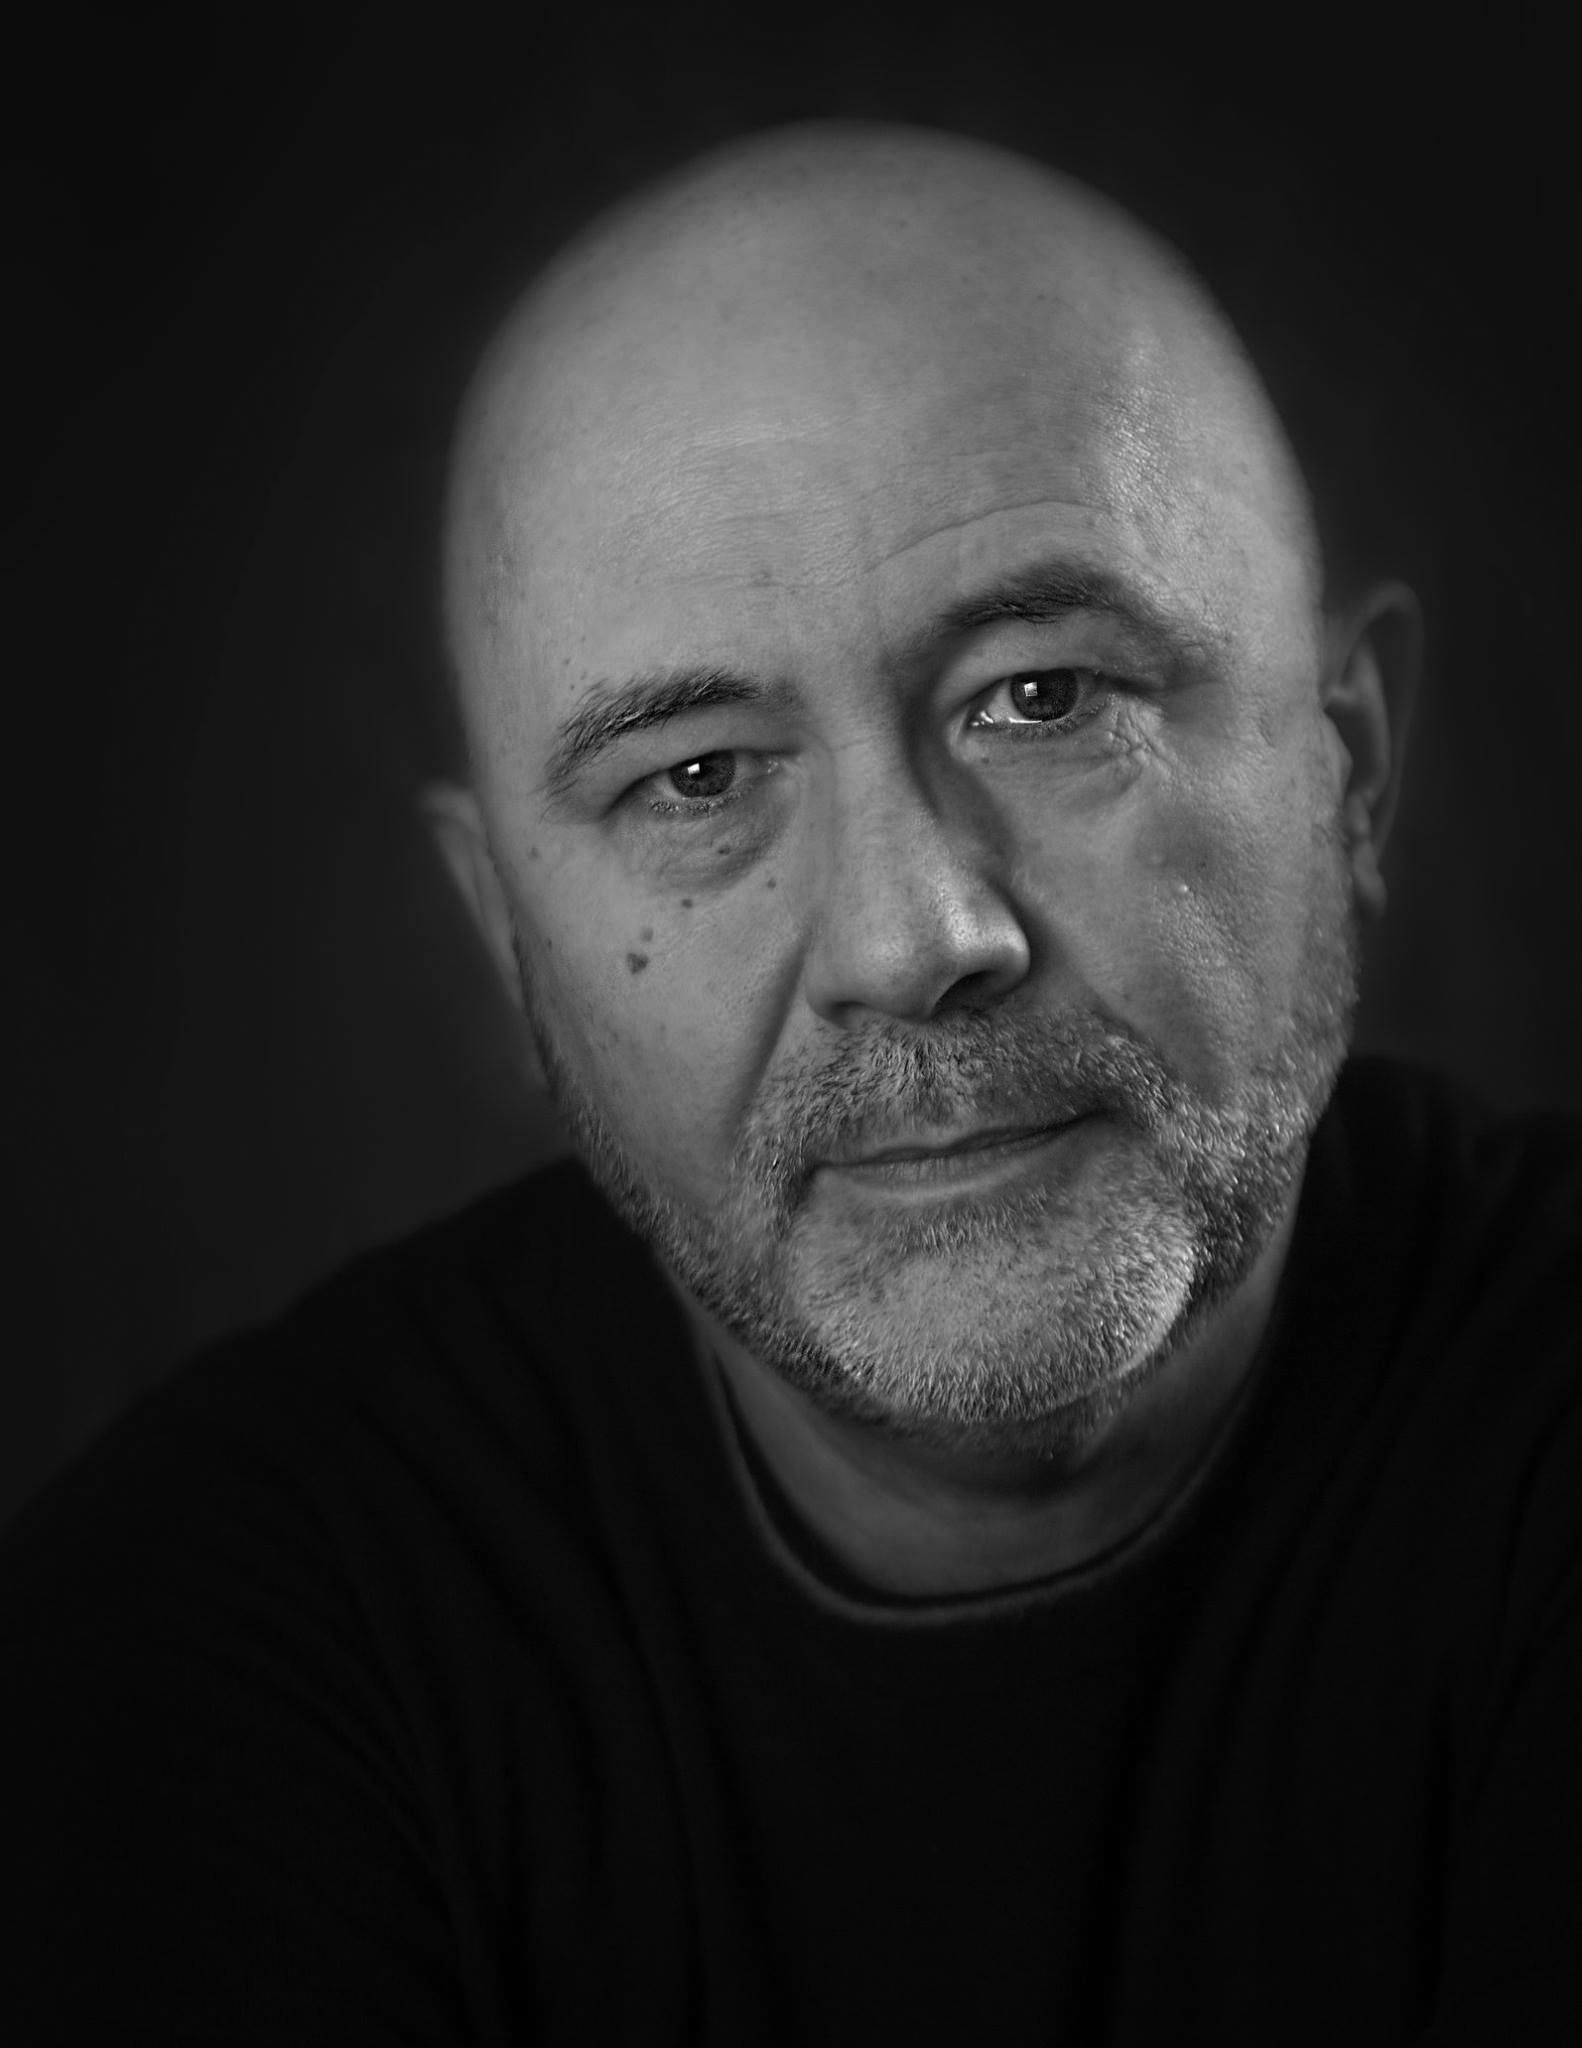 Анатолий Непокульчицкий, Tolik Nepokulchytskyy Actor